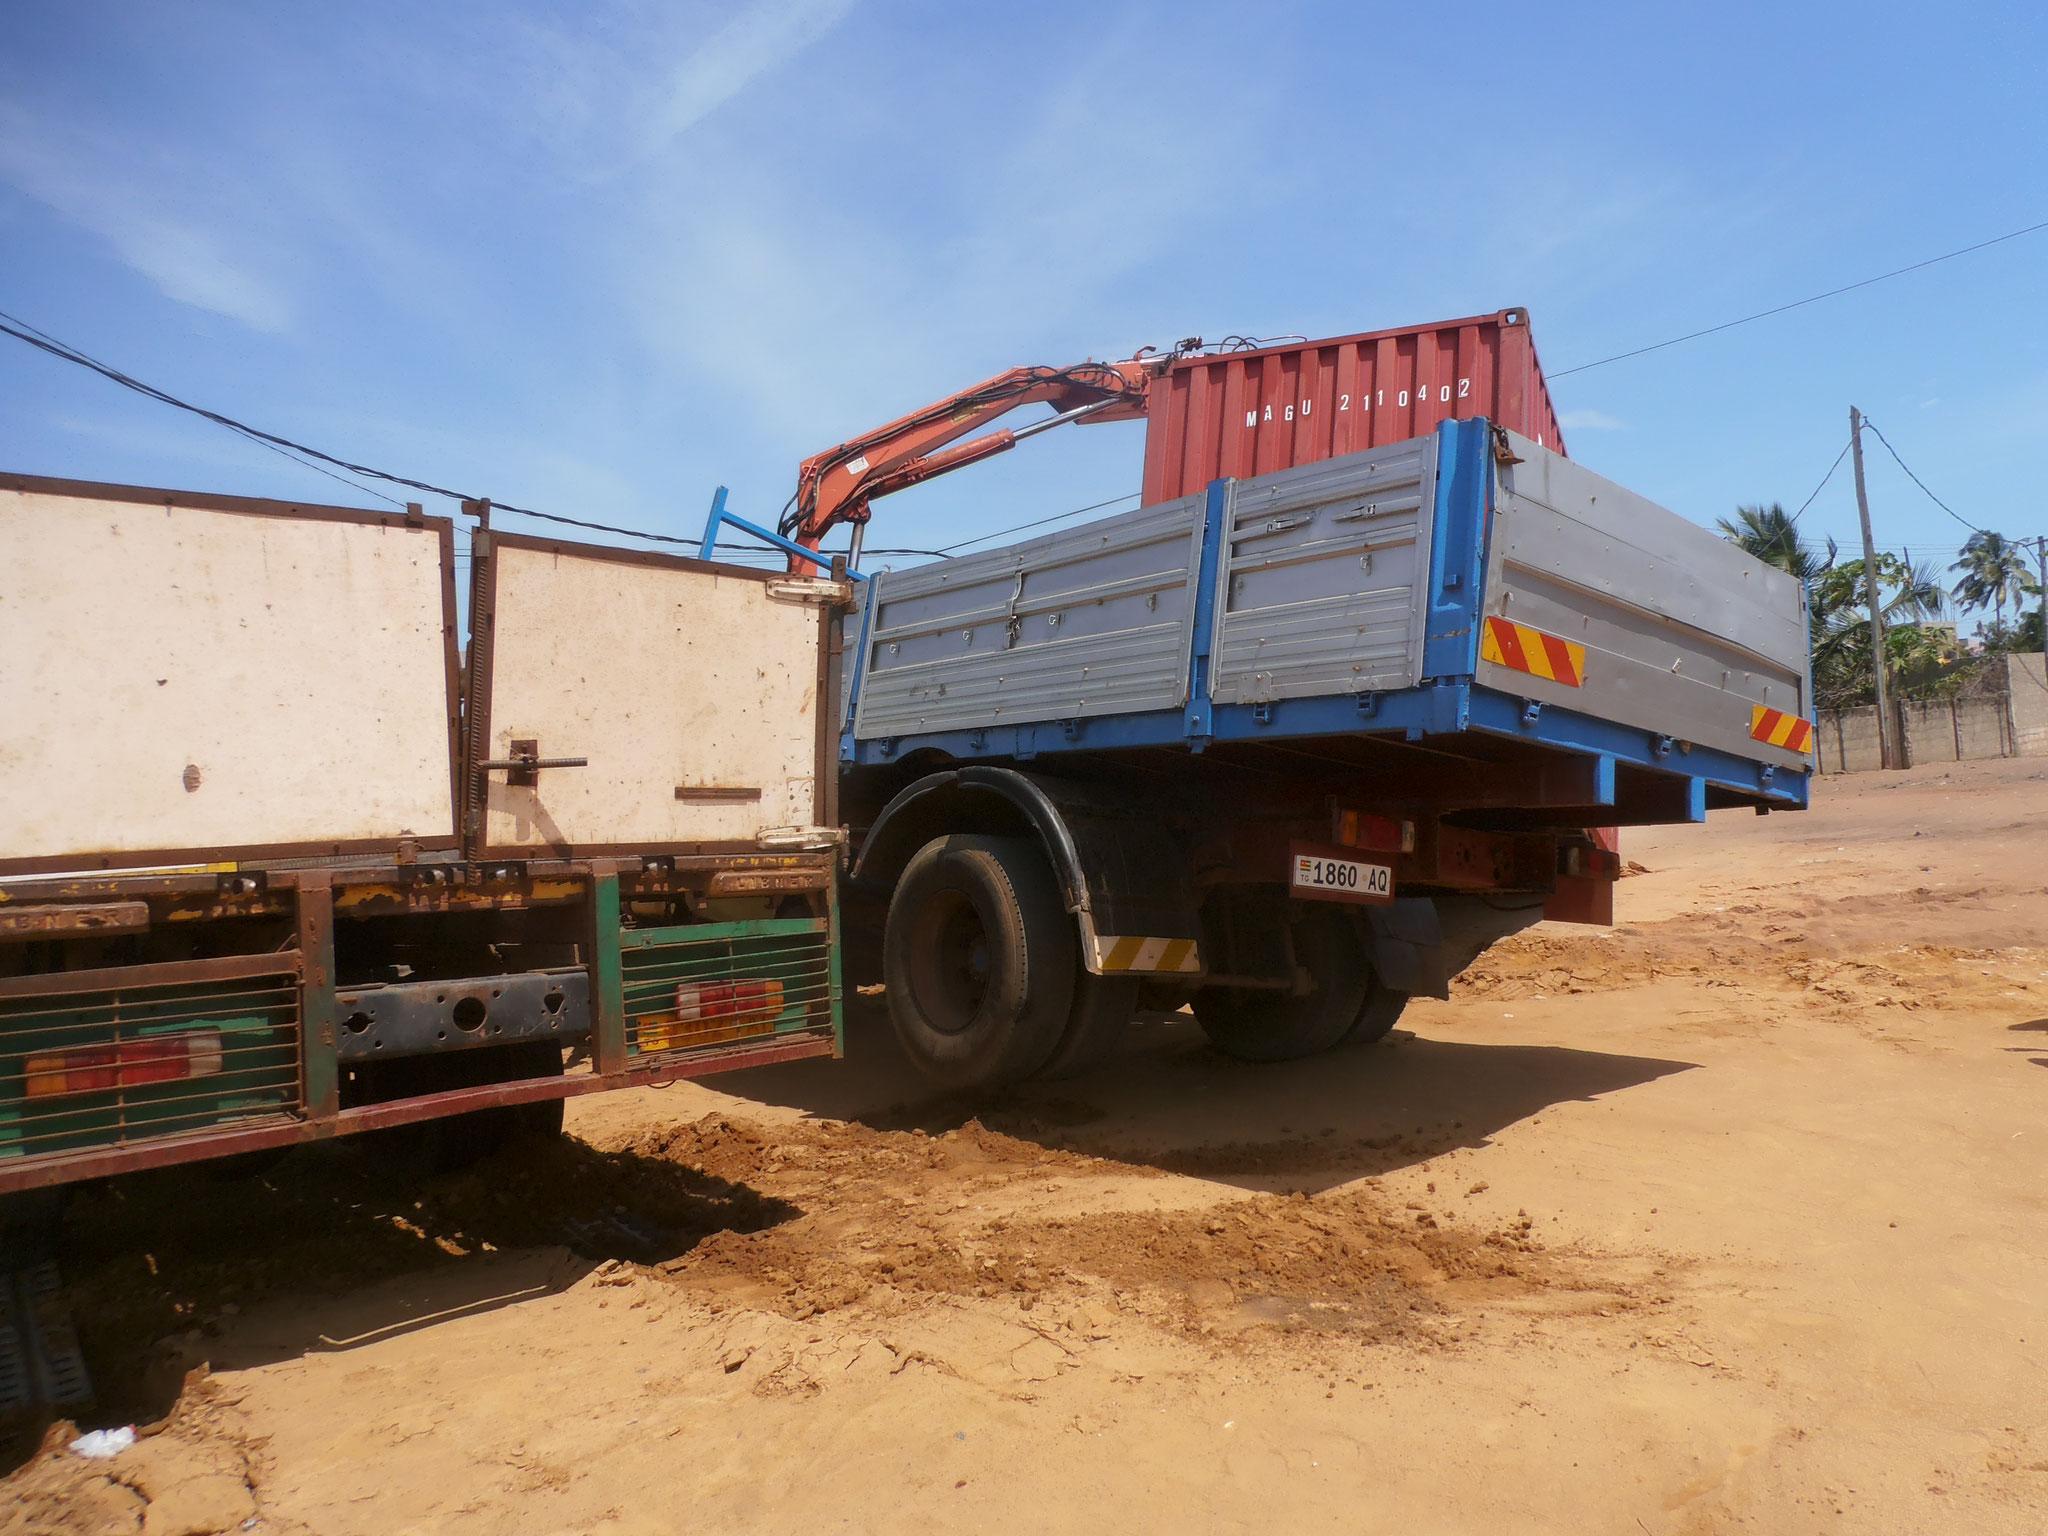 Der Lastwagen mit Kran gerät in schieflage.